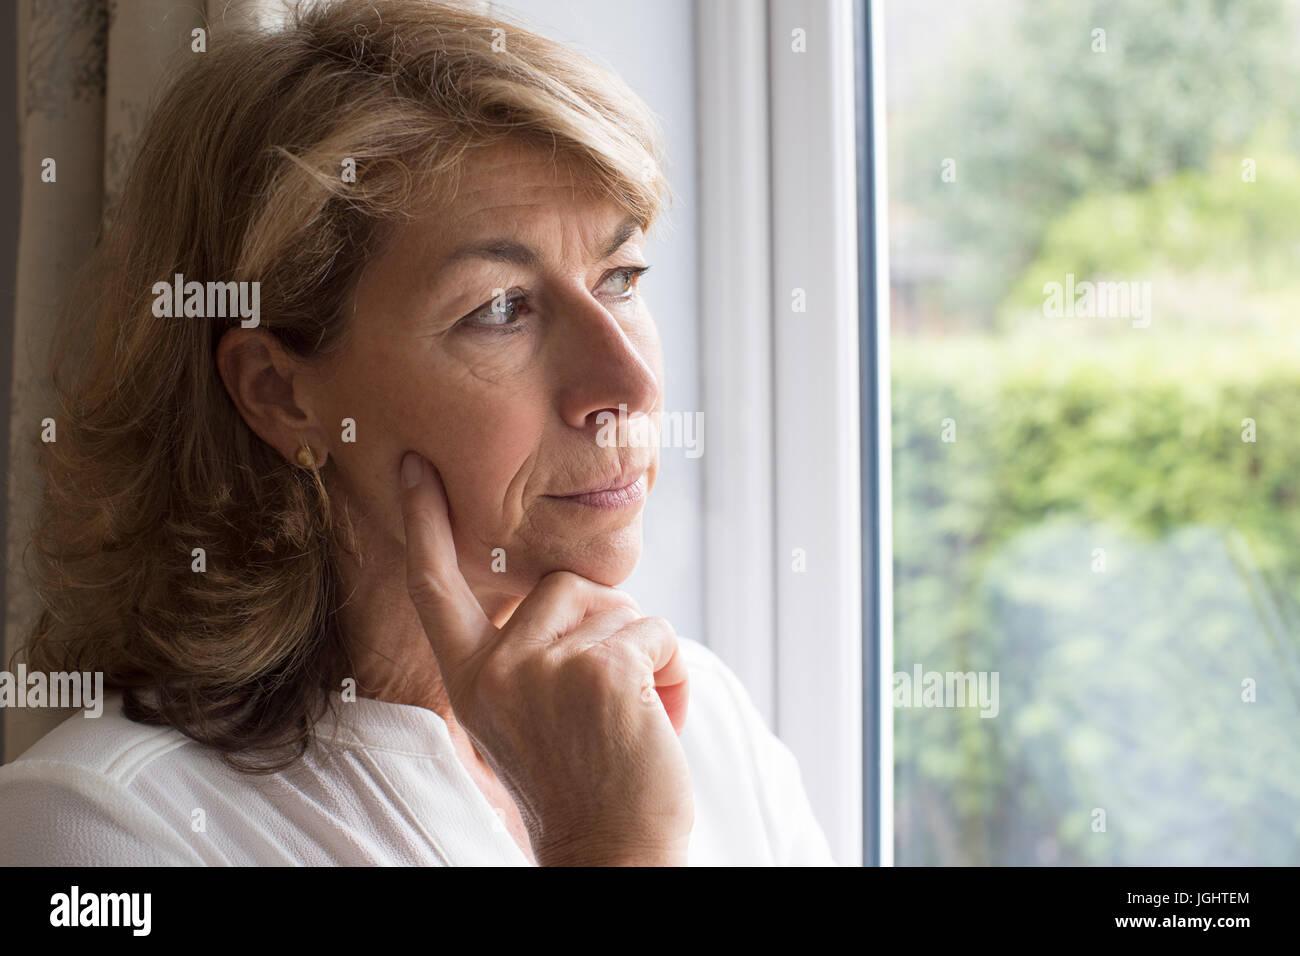 Traurige Frau leidet Agoraphobie Blick aus Fenster Stockbild